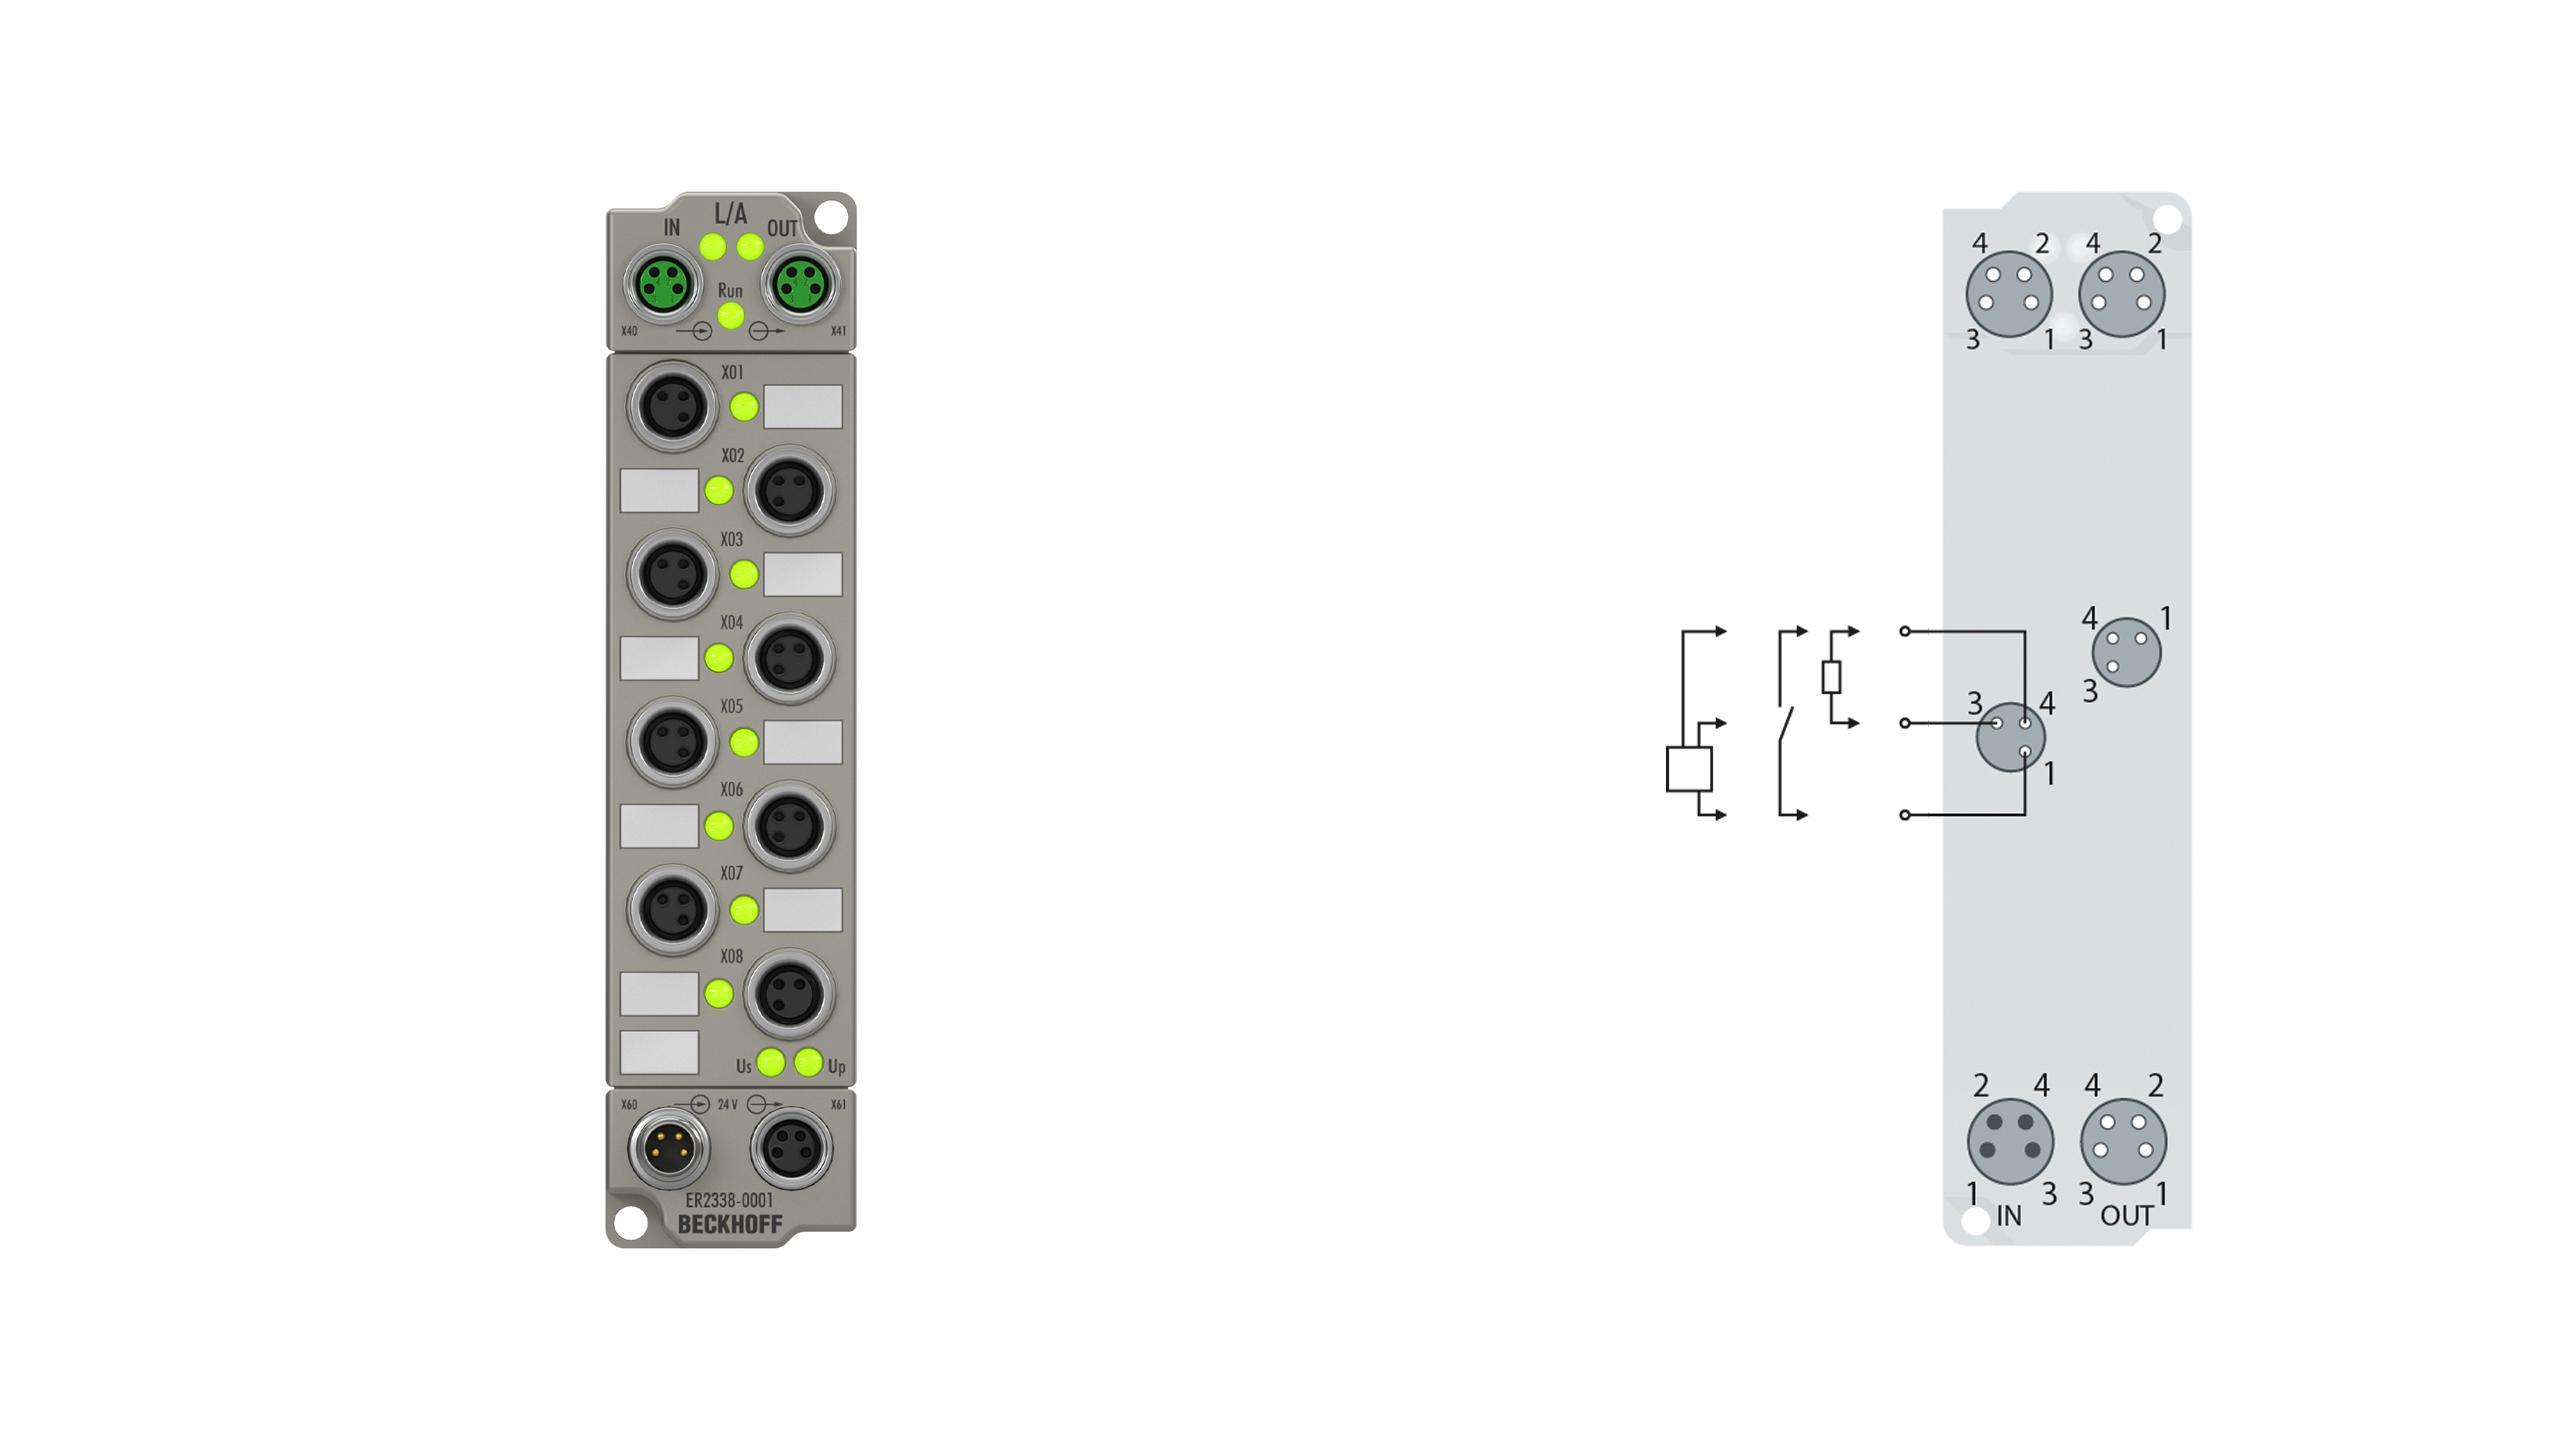 ER2338-1001 | 8-channel digital input or output 24 V DC, freely configurable